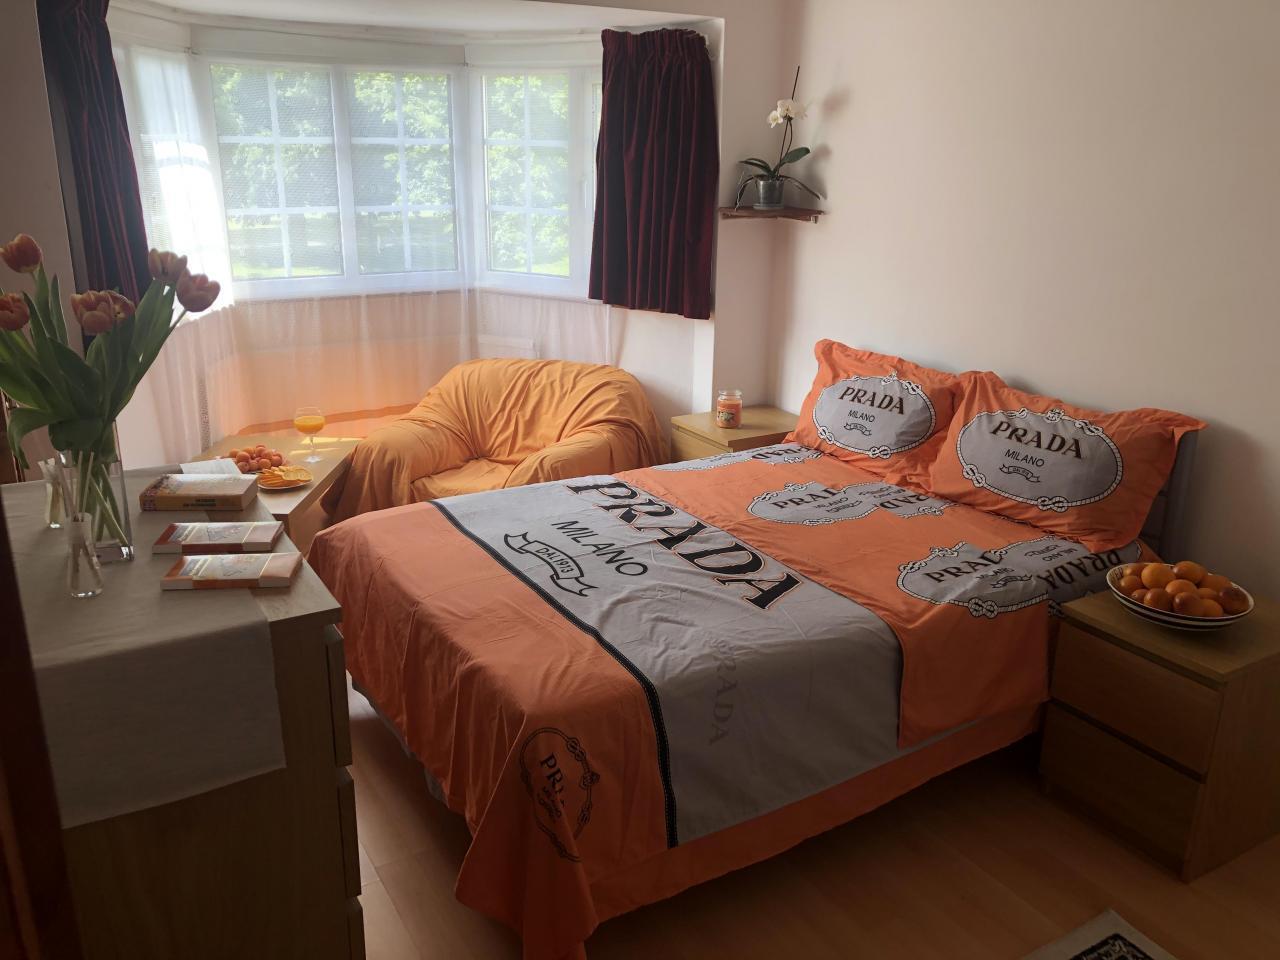 Сдается double комната в районе Tooting для одного - 1